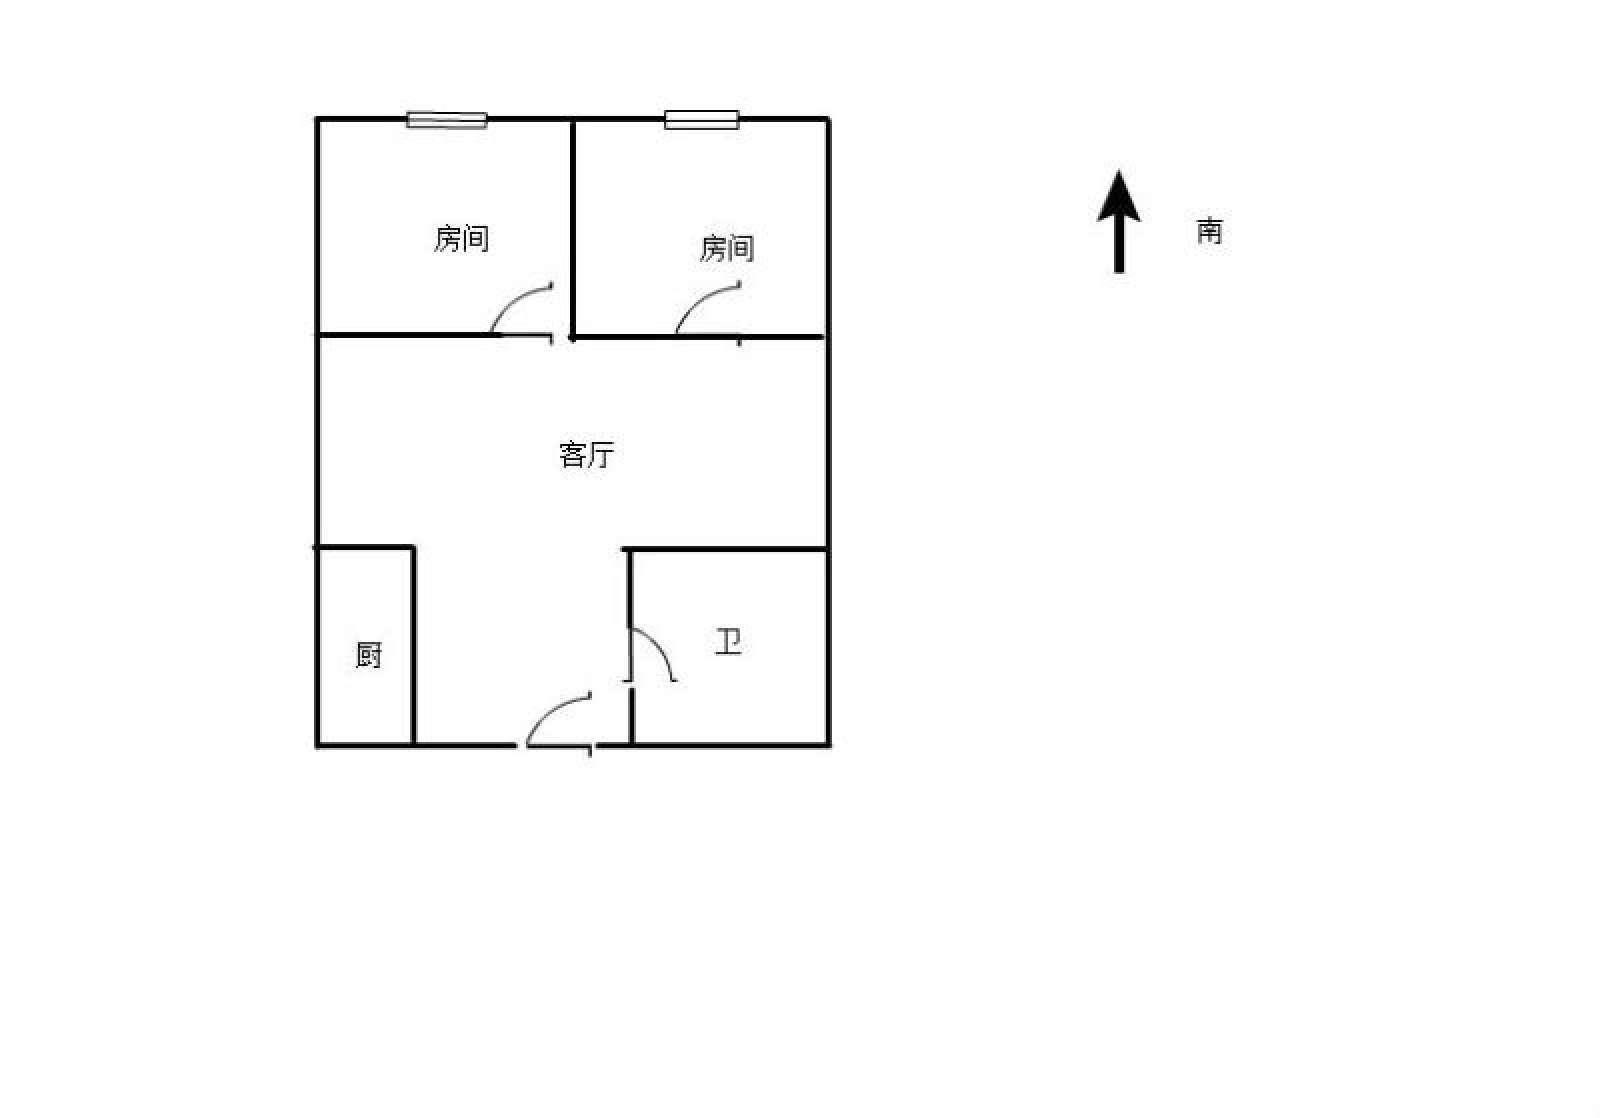 奥克斯缔壹城 2室1厅50㎡